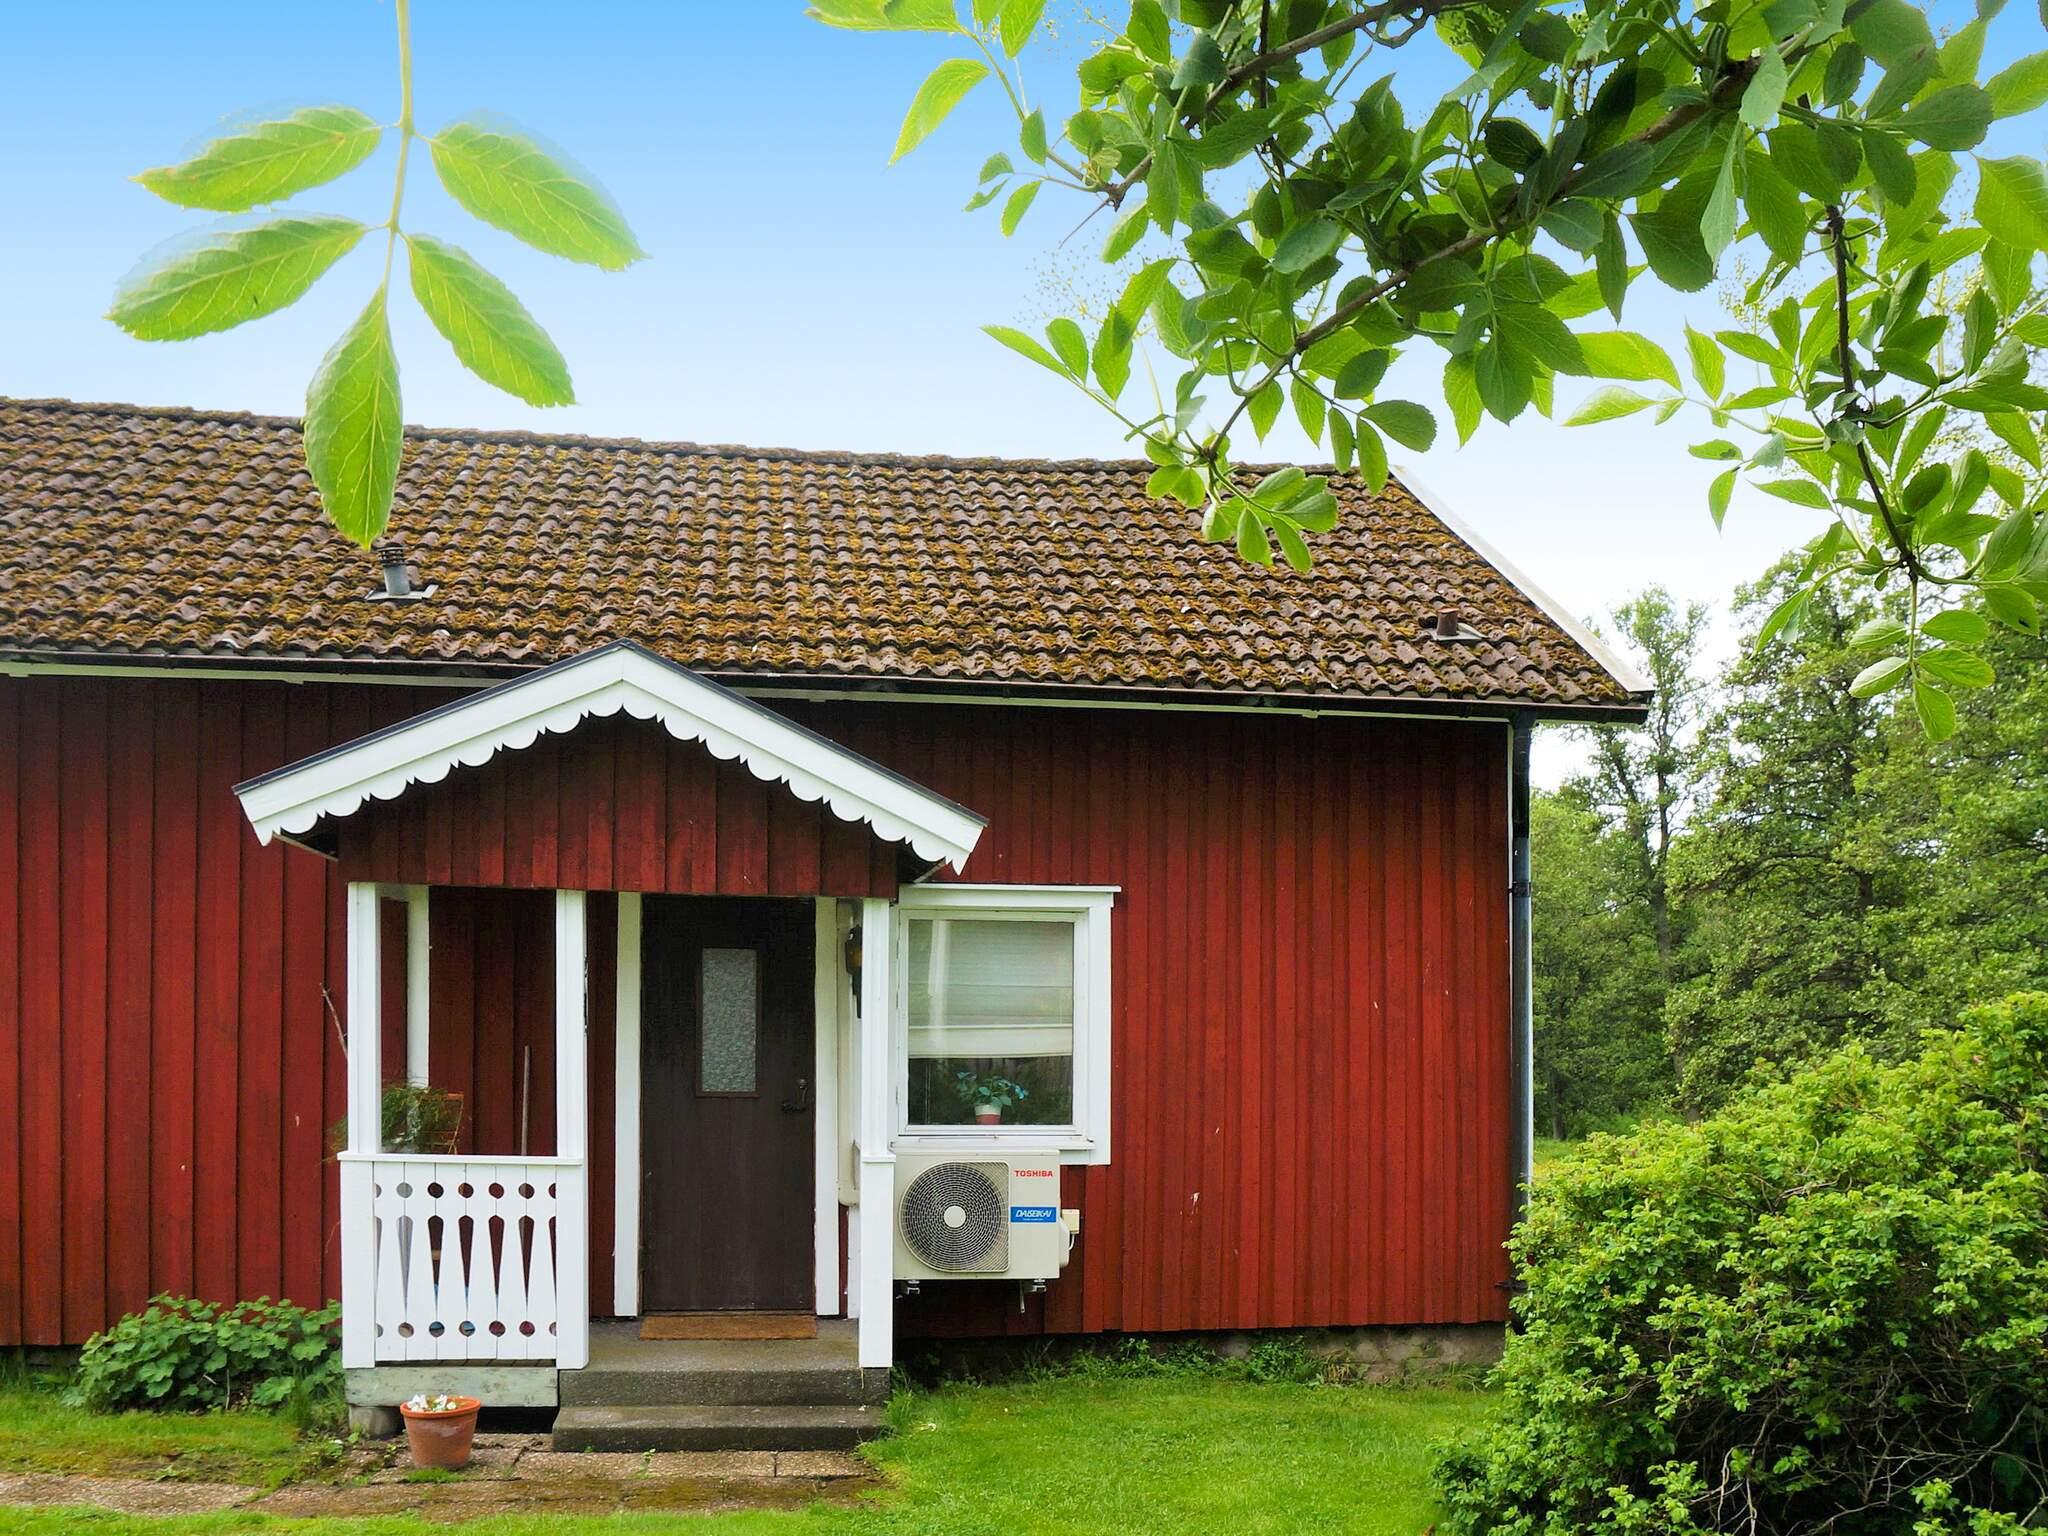 Ferienhaus Lidköping (2633224), Götene, Västra Götaland län, Westschweden, Schweden, Bild 10